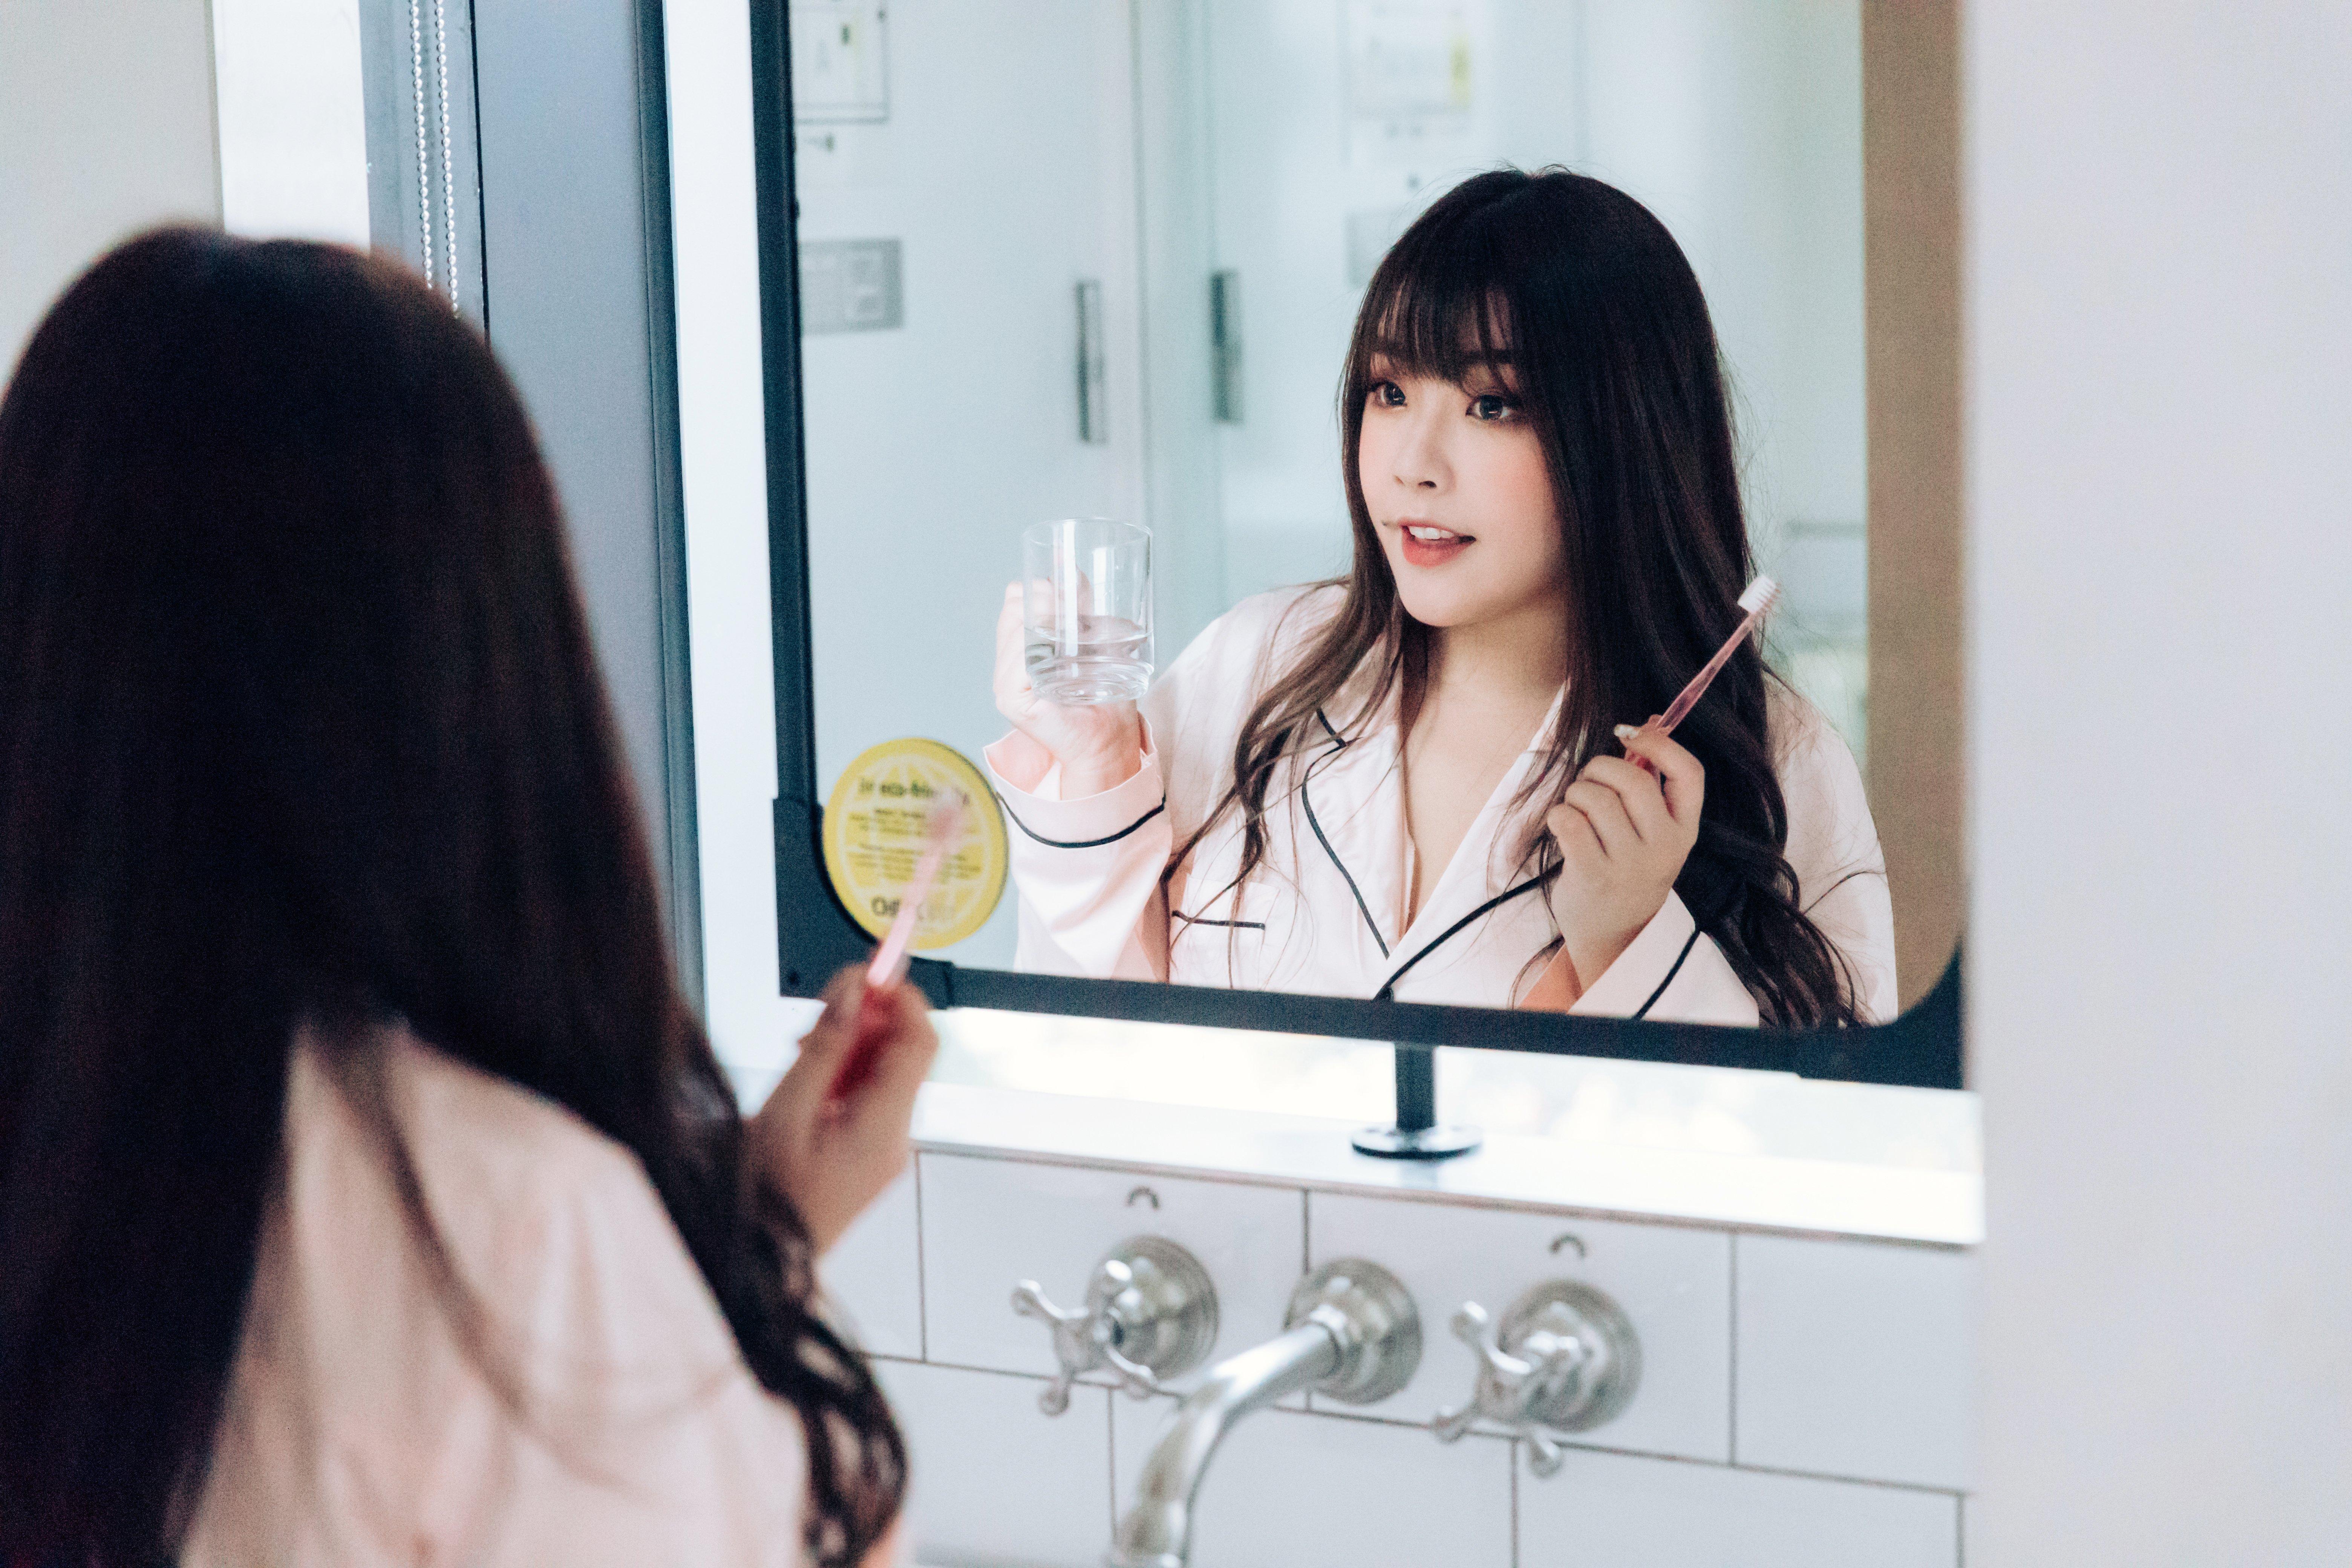 美齒 ♥ 日本火紅Ora2 PREMIUM極緻系列。做好口腔護理讓微笑更有自信魅力 ♫